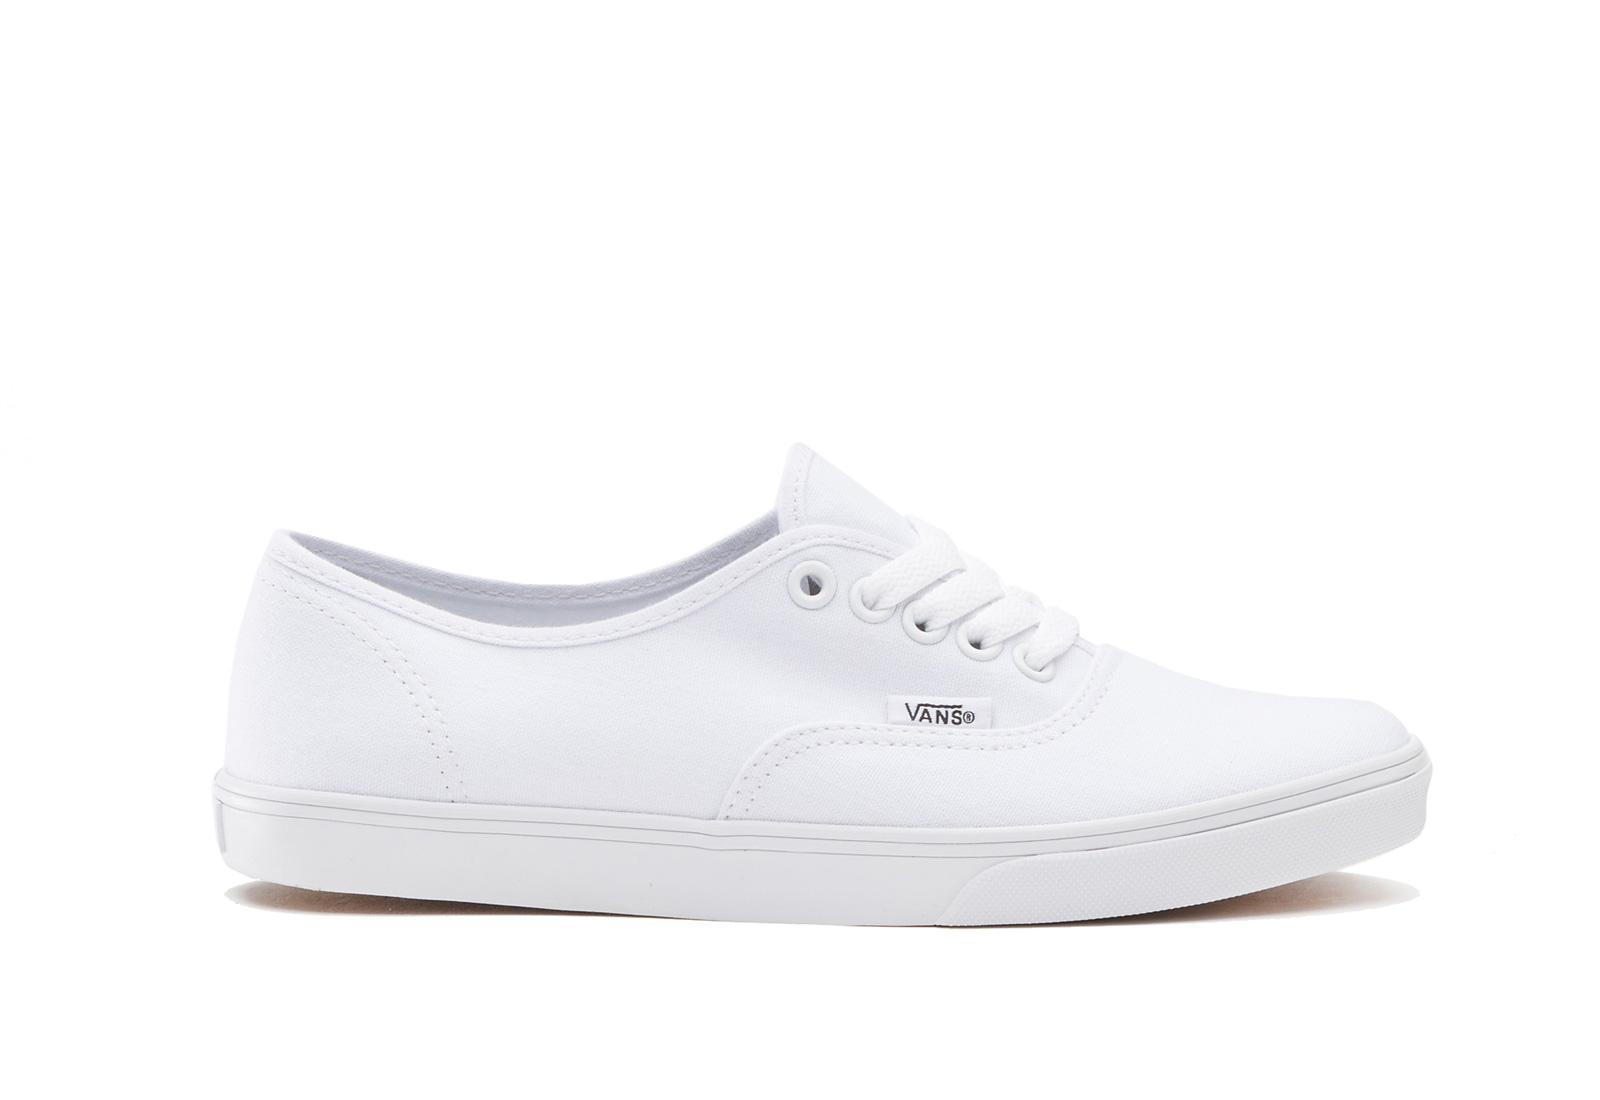 Vans Sneakers - Authentic Lo Pro - VF7BQLZ - Online shop for ... 9e517c750e